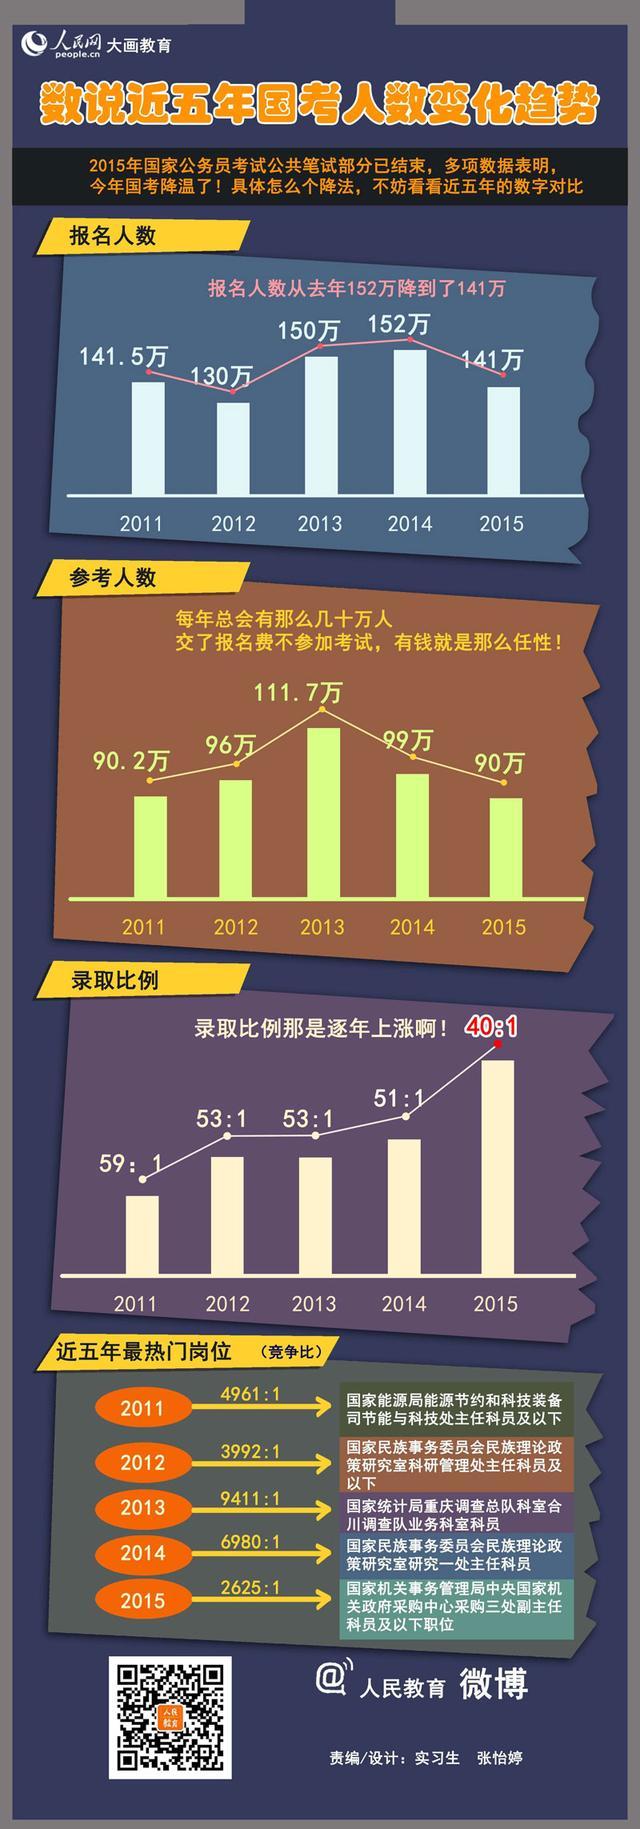 数说近五年国考人数变化趋势